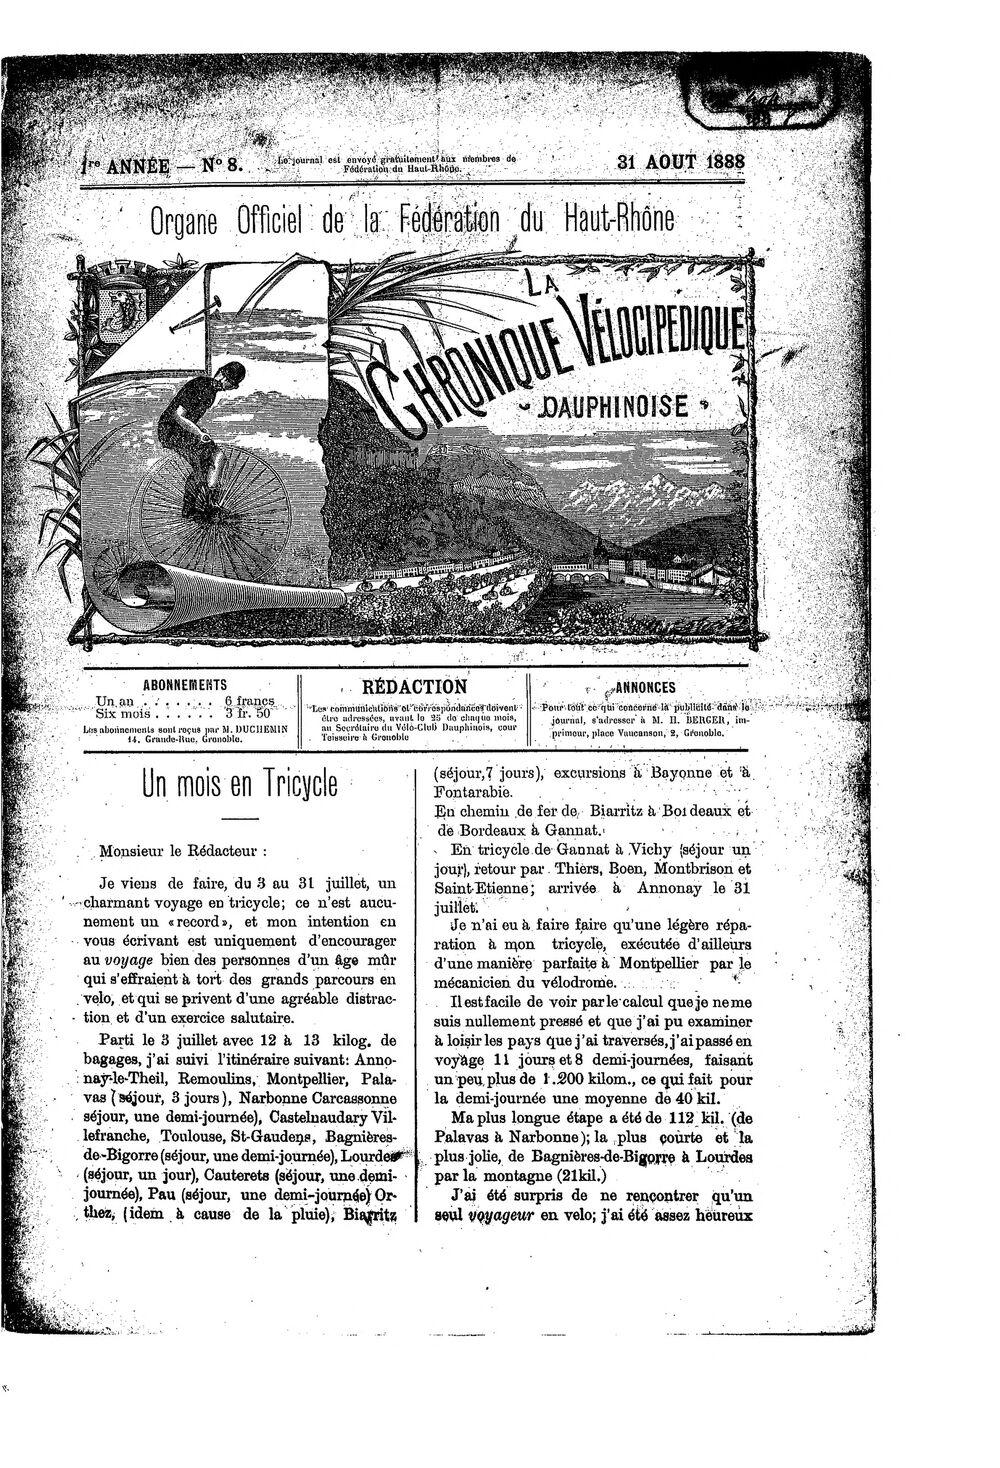 La Chronique vélocipédique dauphinoise / l'imprimeur-gérant b : H. Berger - 31 août 1888